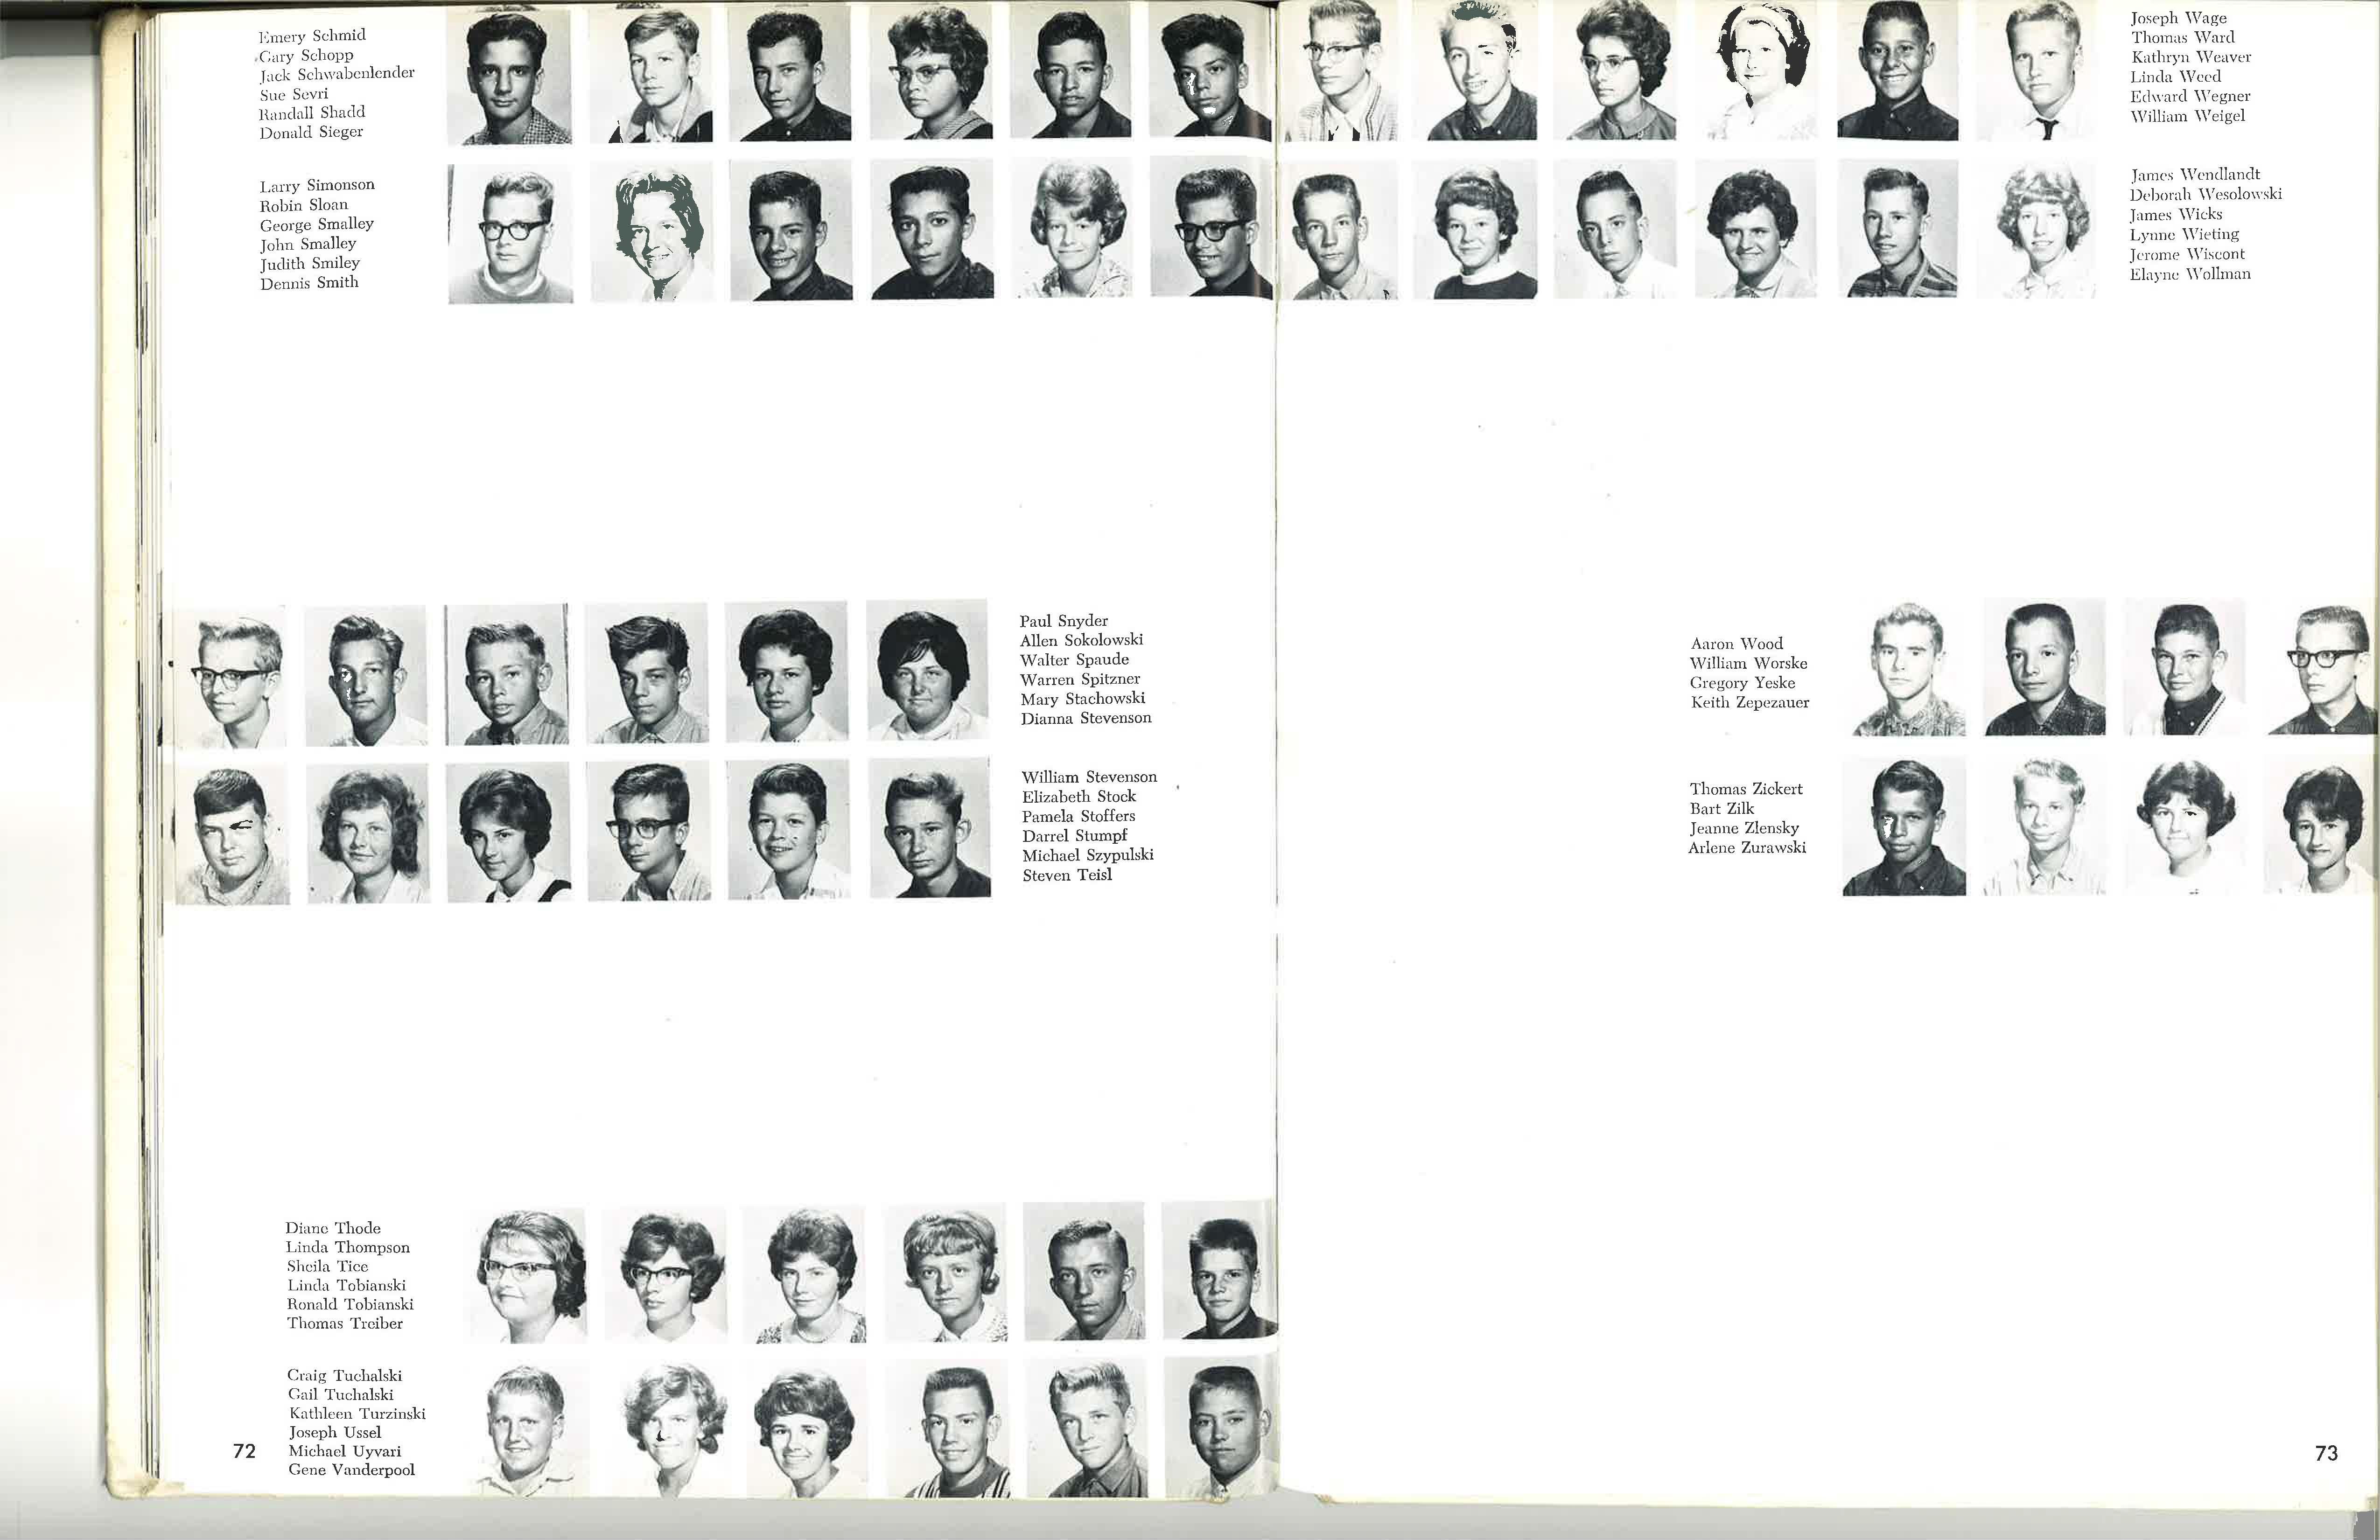 1964_Yearbook_Freshmen_72-73.jpg